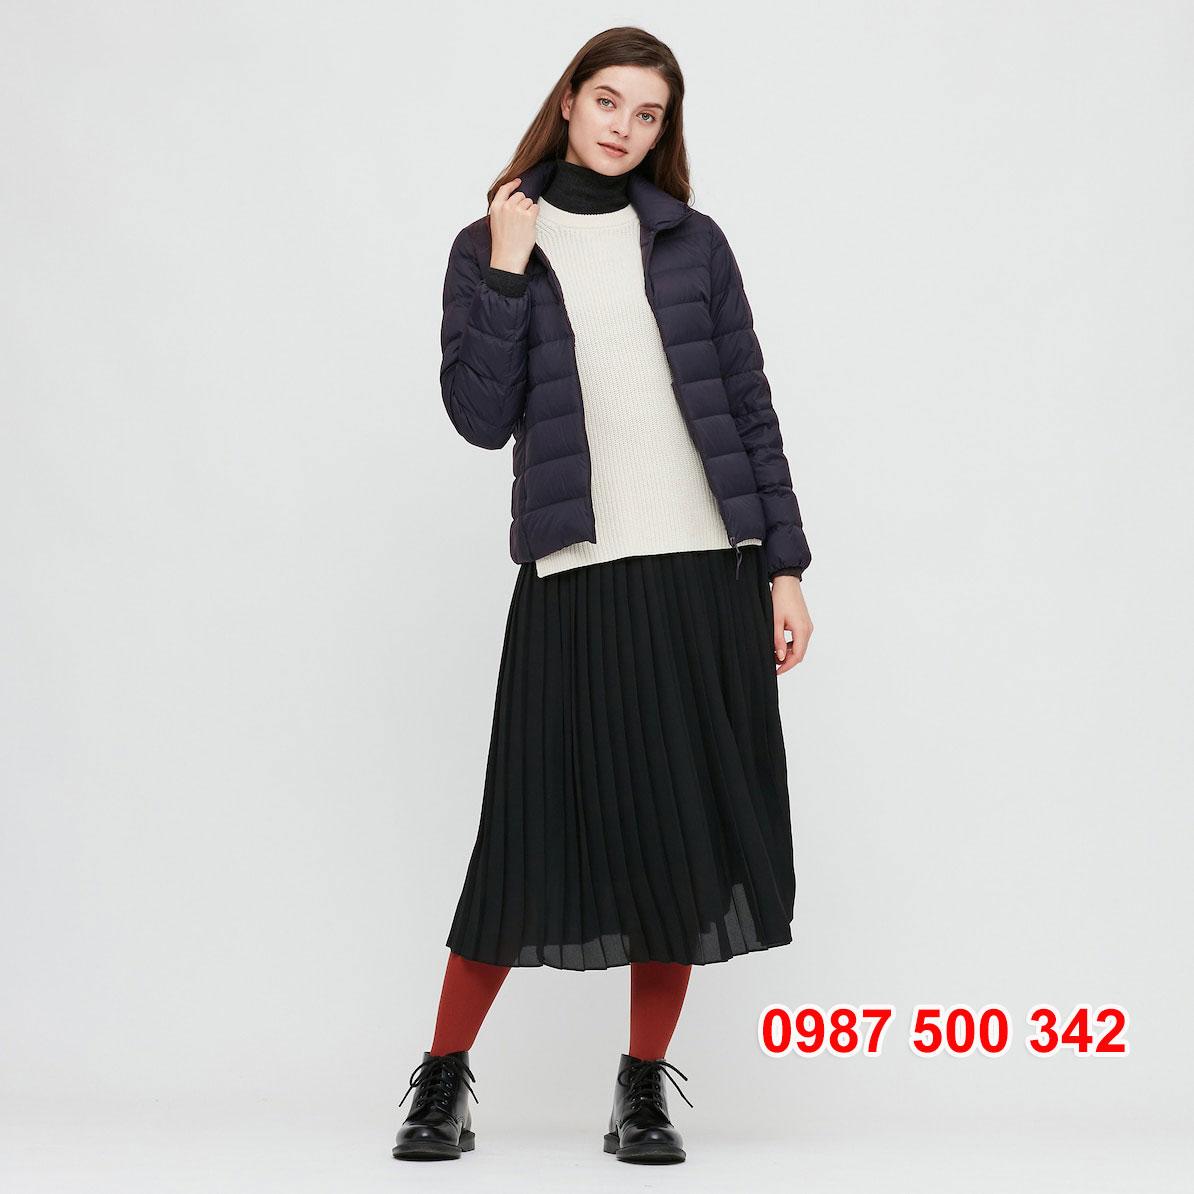 Áo lông vũ nữ không mũ Uniqlo 2020 – 2021 mã 429453 áo màu xanh đen 69 NAVY